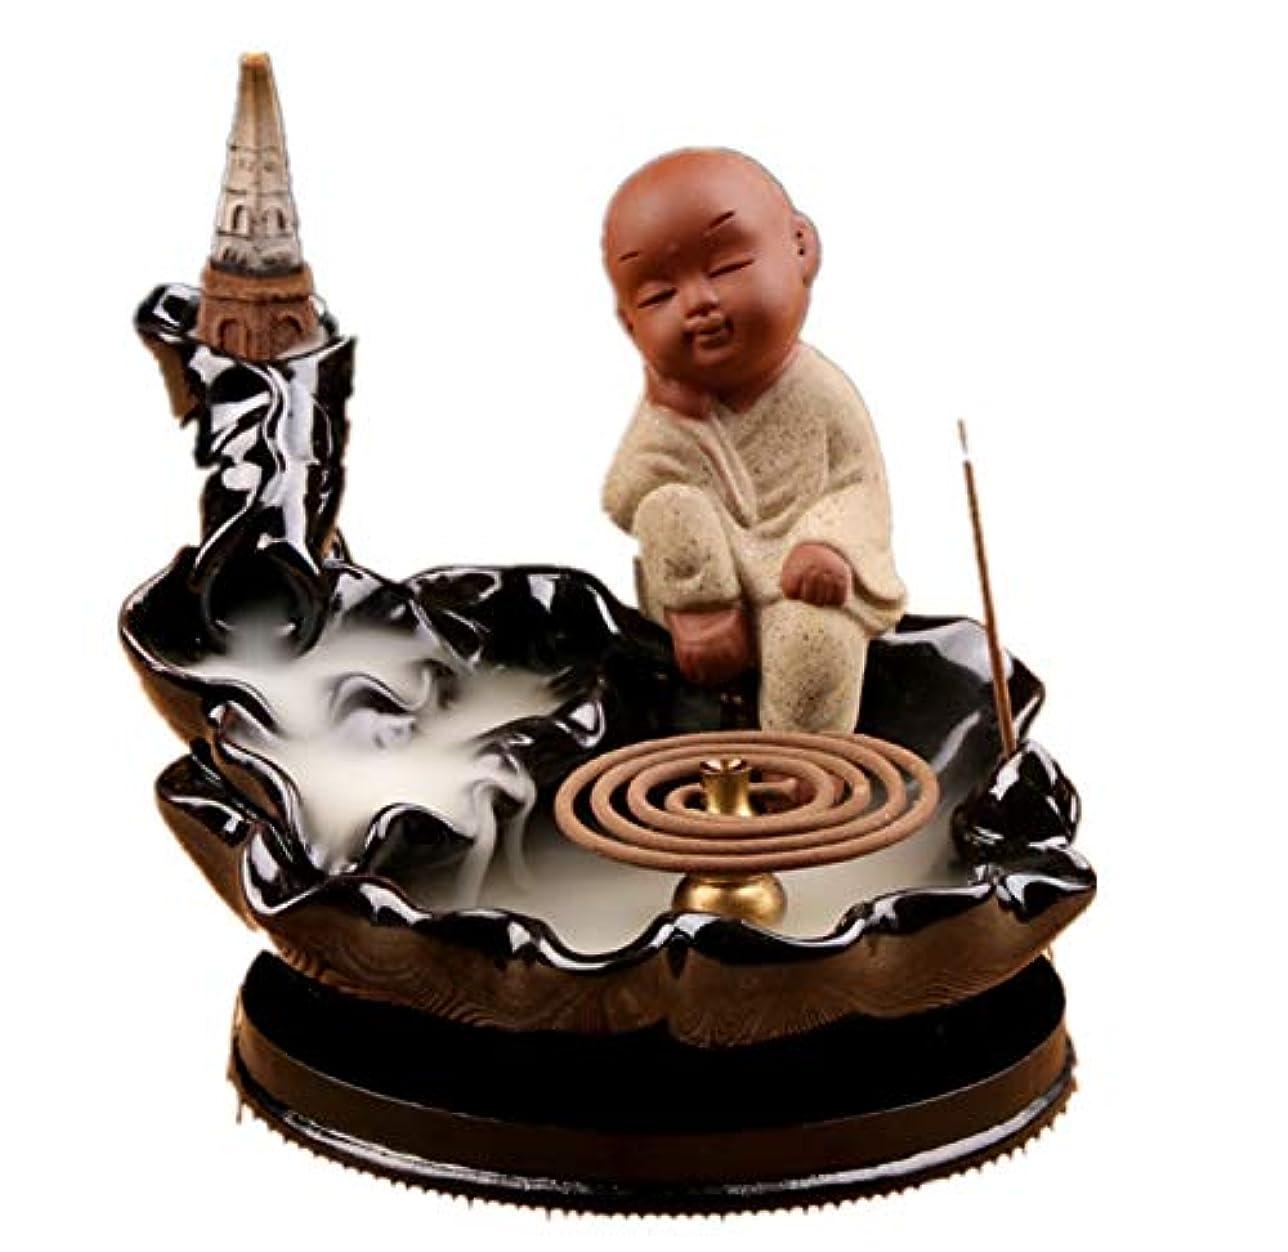 偽装する人柄それからXPPXPP Waterfall Incense Holder Chinese Ceramic Reflux Incense Burner With 10 Reflux Cones